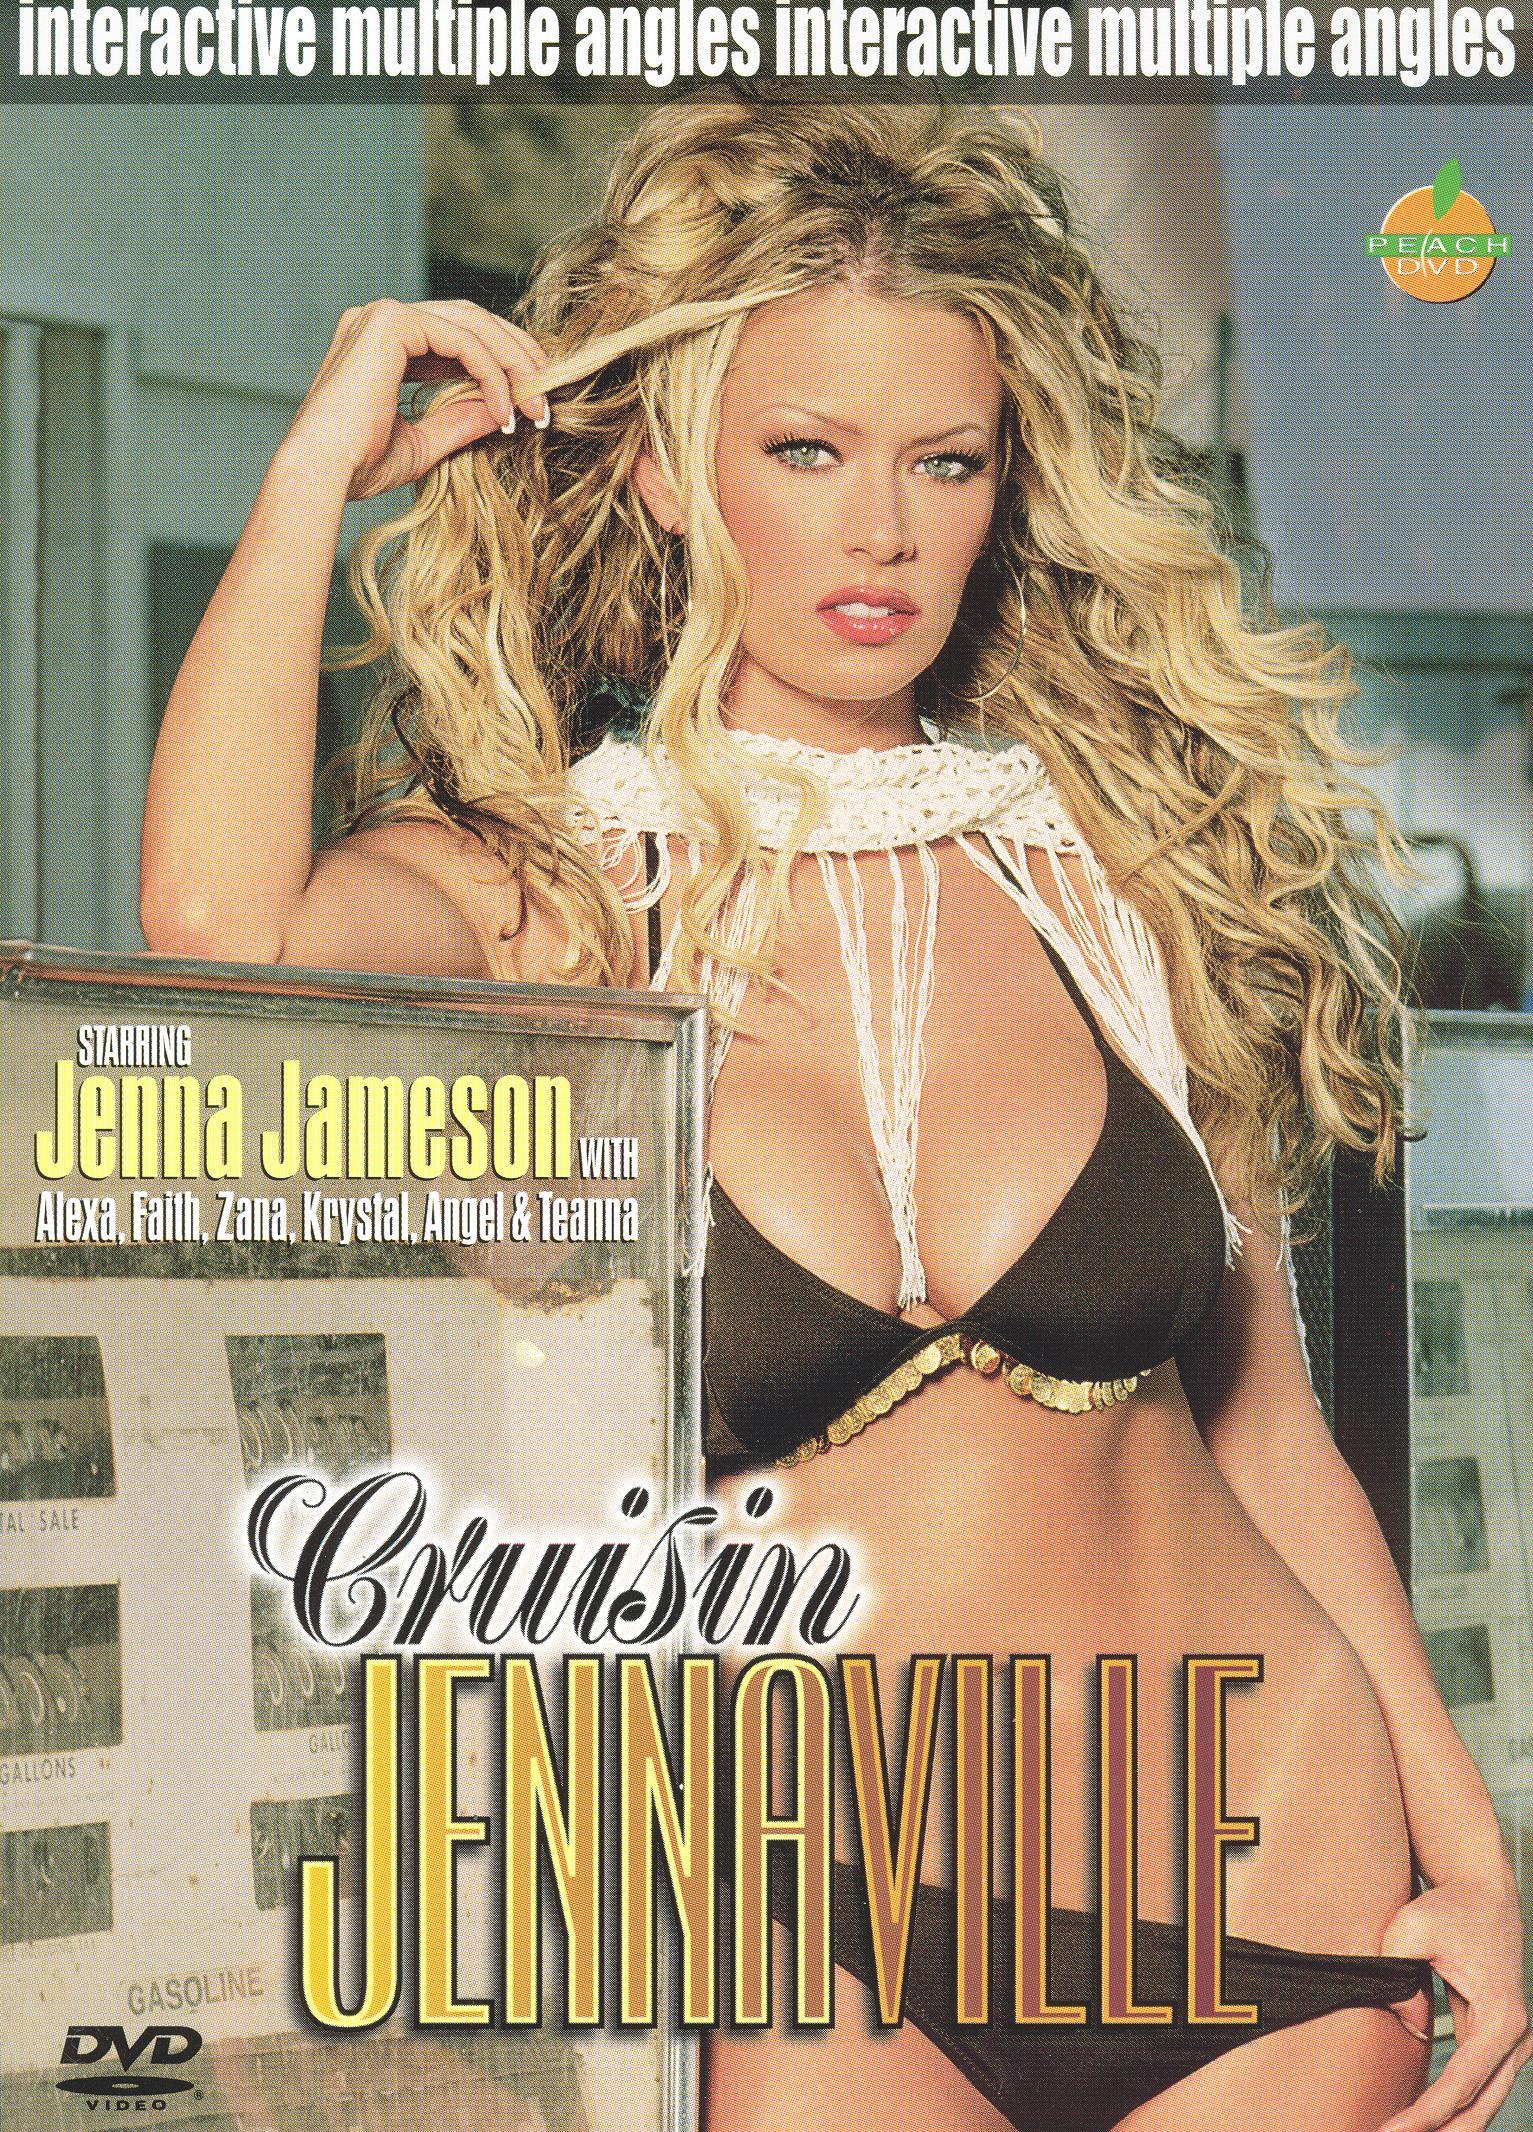 Cruisin Jennaville